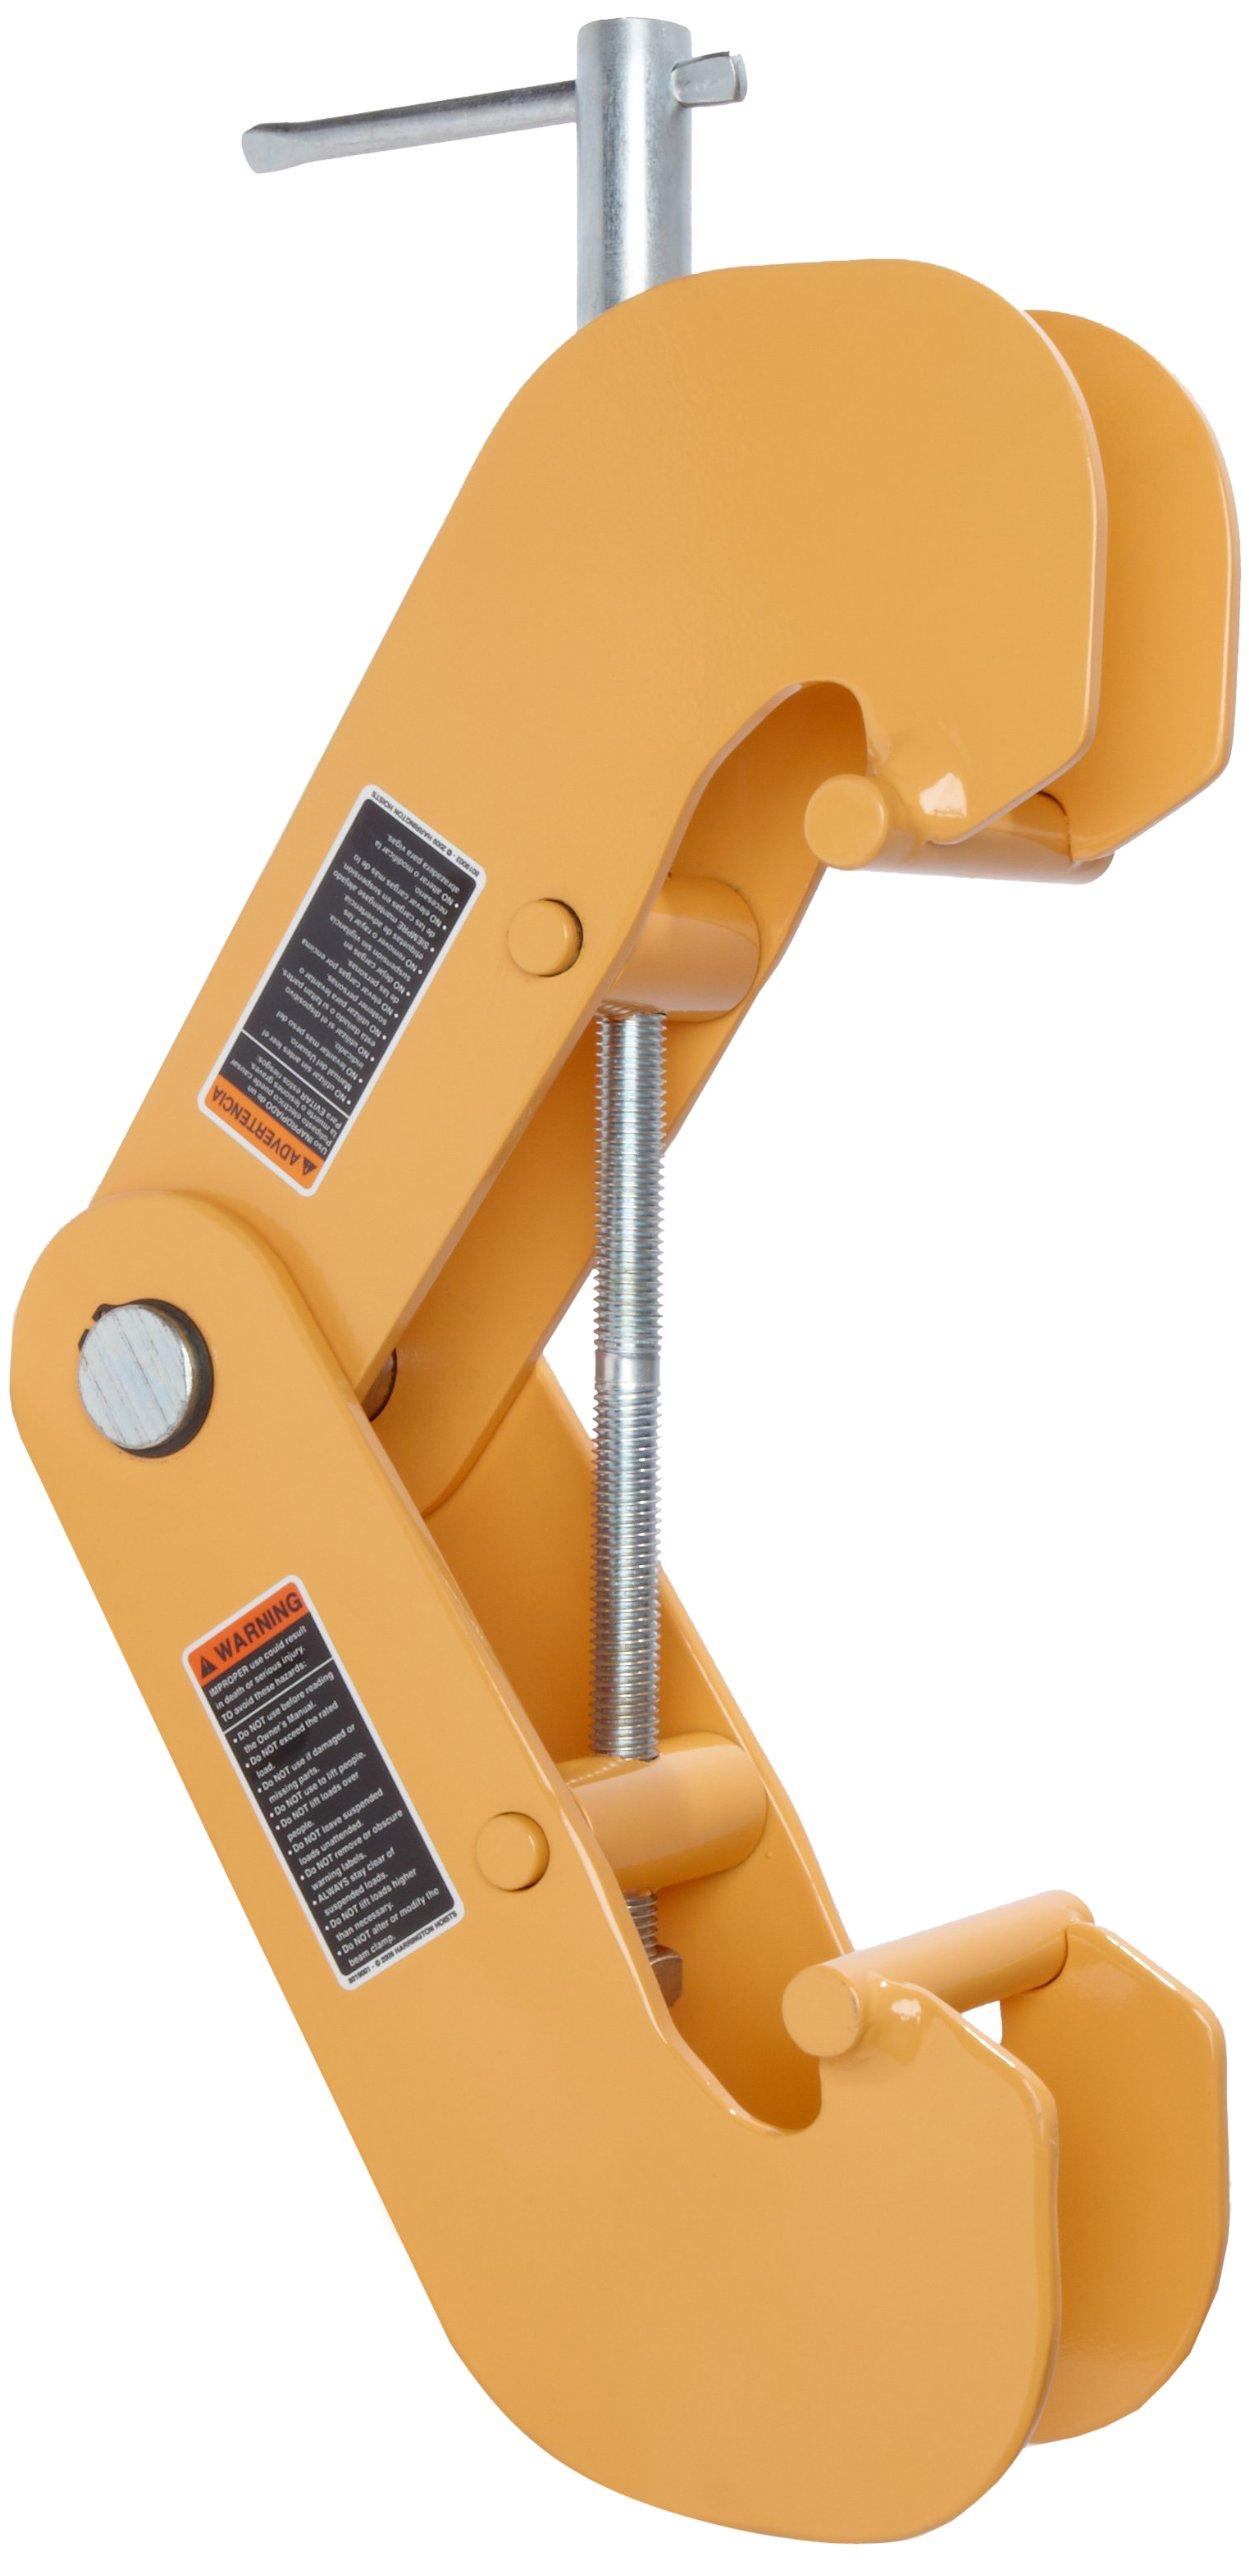 Harrington UBC030 UBC Universal Beam Clamp, 4'' - 12'' Holding Size, 1'' Maximum Beam Flange Thick, 3 ton Capacity